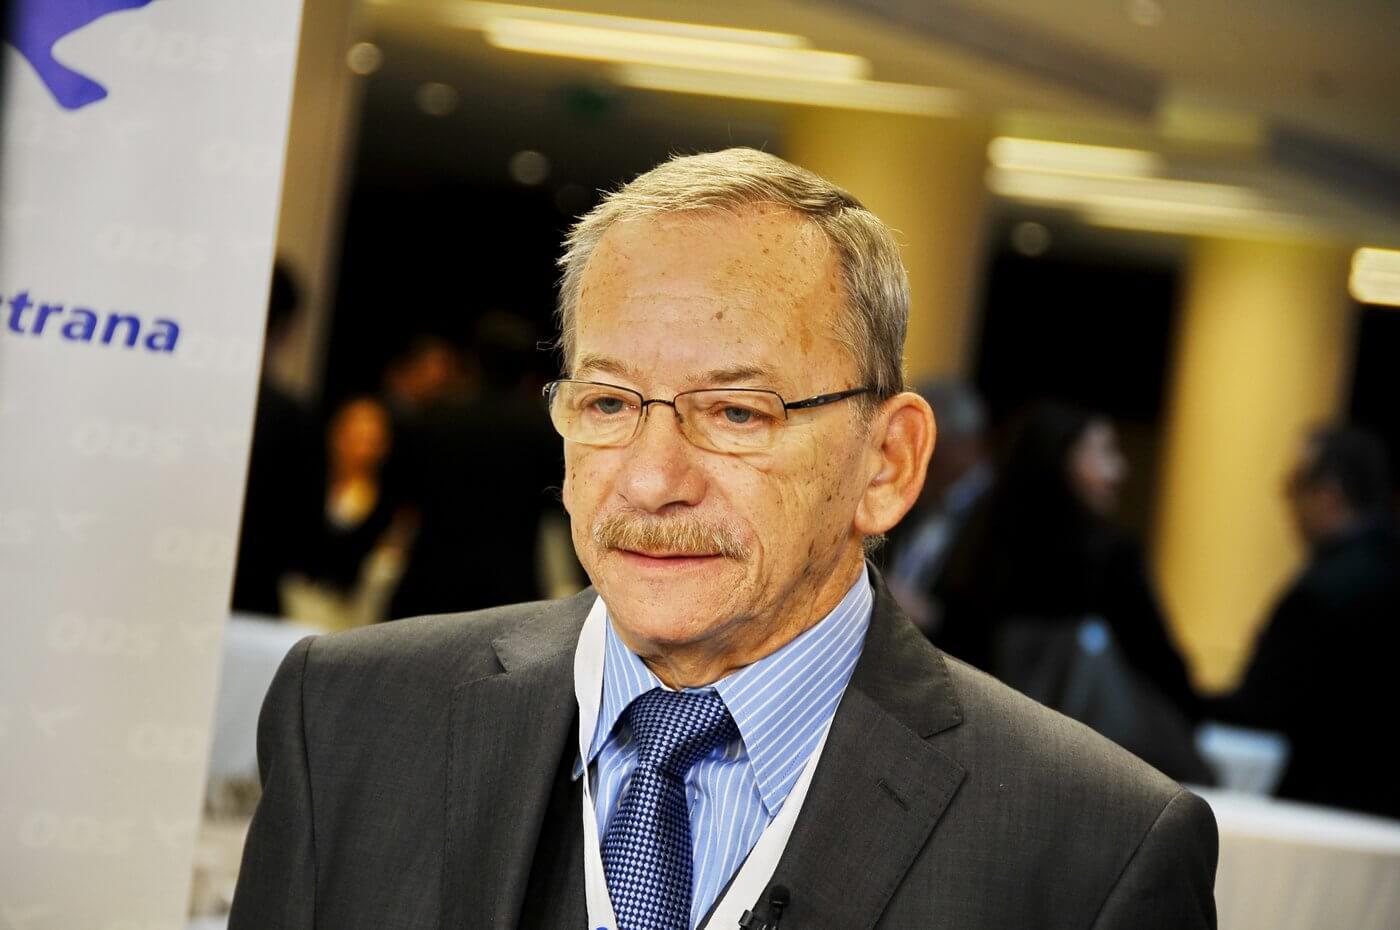 Ярослав Кубера: без него будет меньше юмора, меньше свободы, меньше доверия - Пражский Телеграф